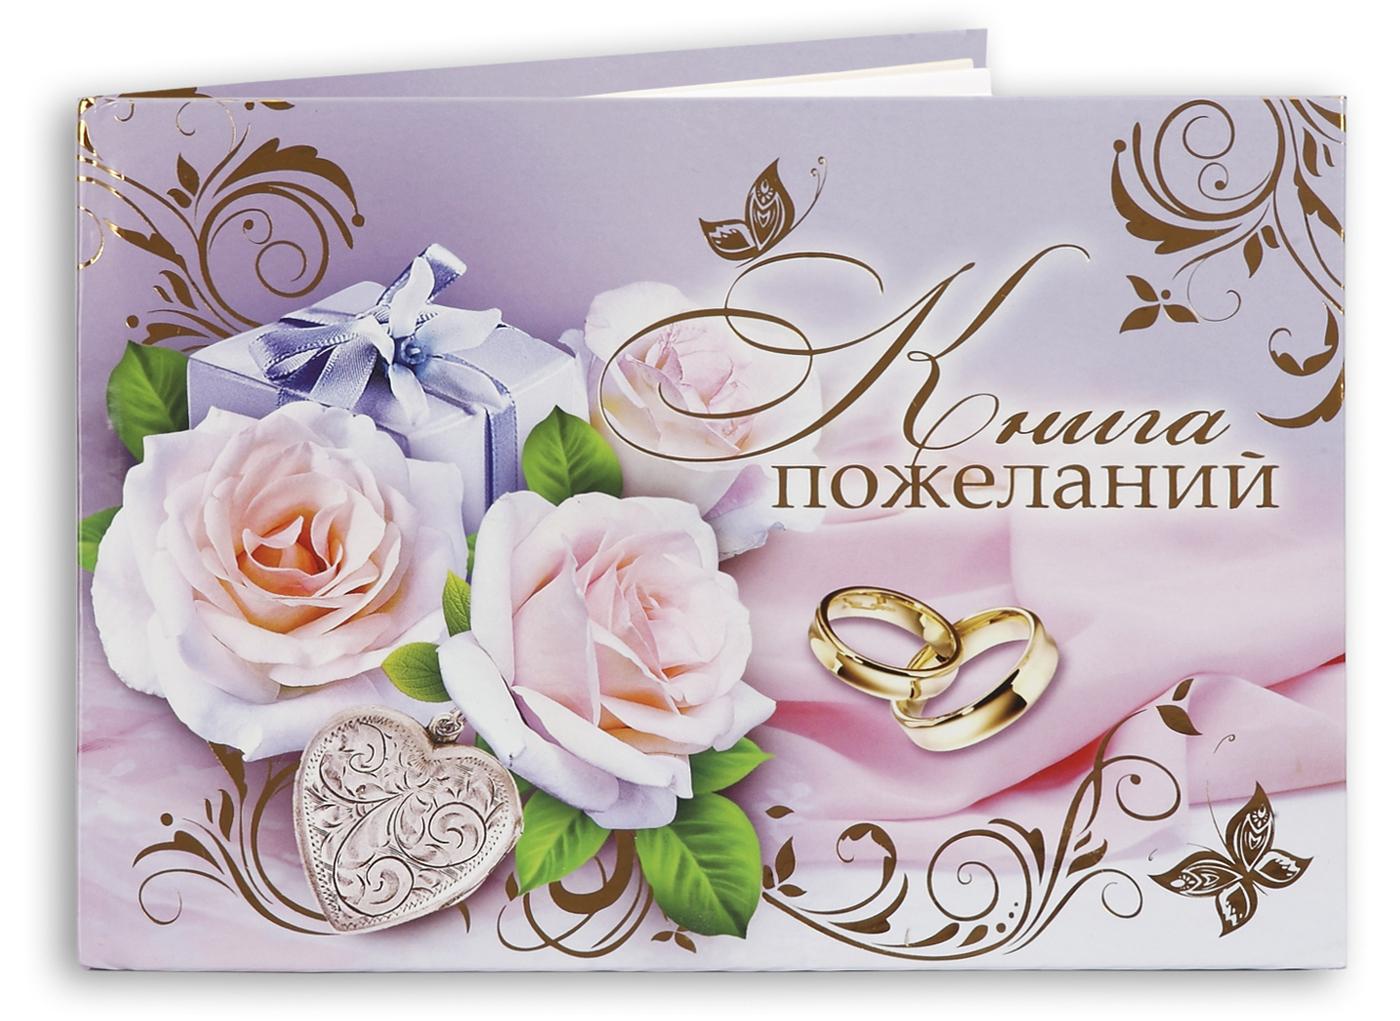 Печатные поздравления на свадьбу нее высшее